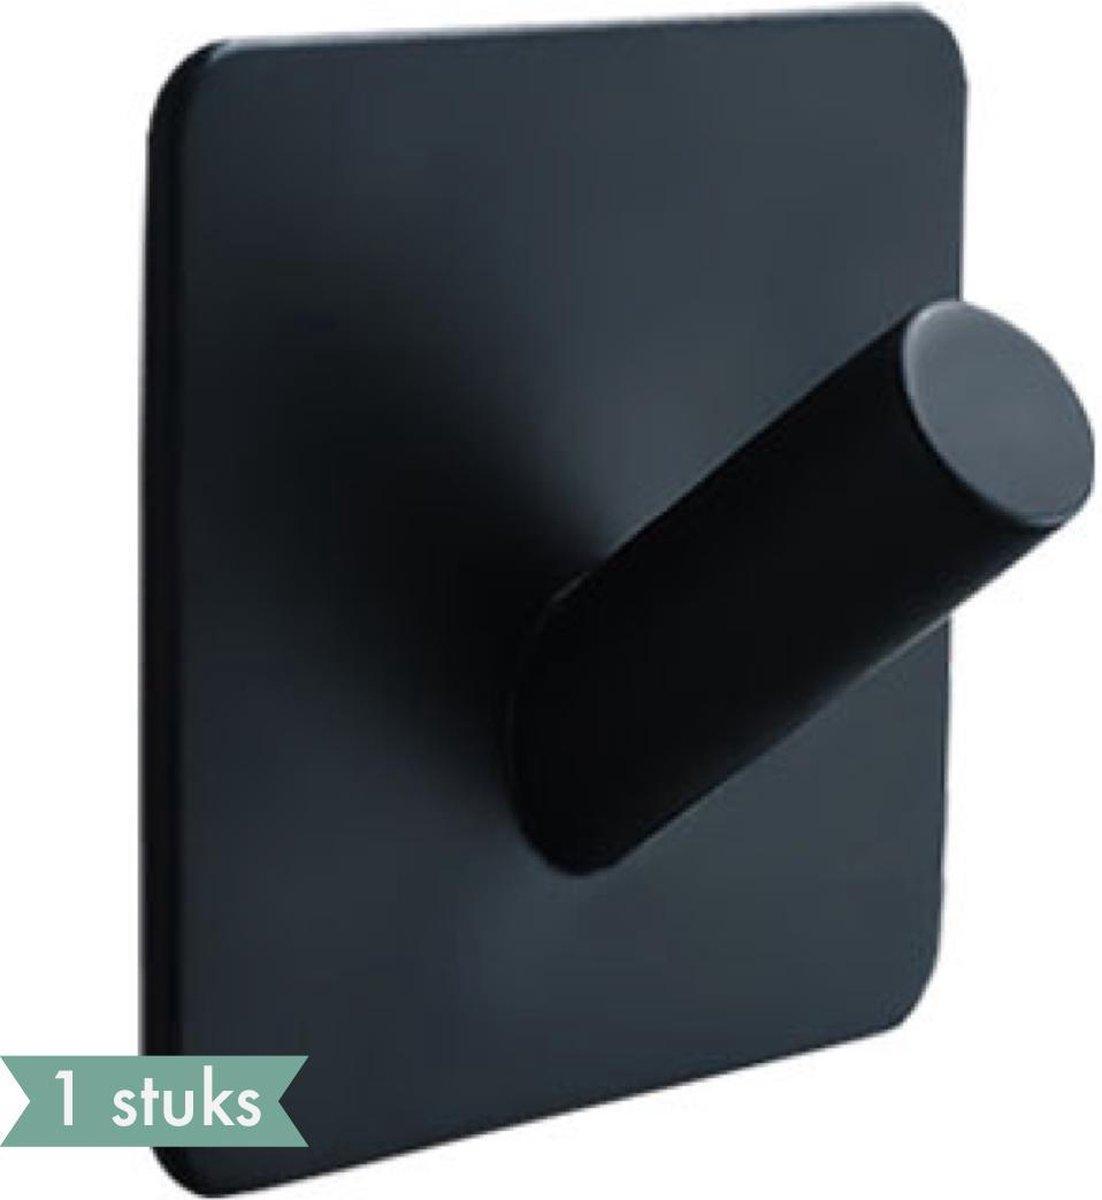 1x Handdoekhaakje (Zelfklevend) van RVS Zwart - Zelfklevende Haakjes - Wandhaak -Plakhaakjes - Handdoekhouder - Ophanghaken voor Keuken of Badkamer